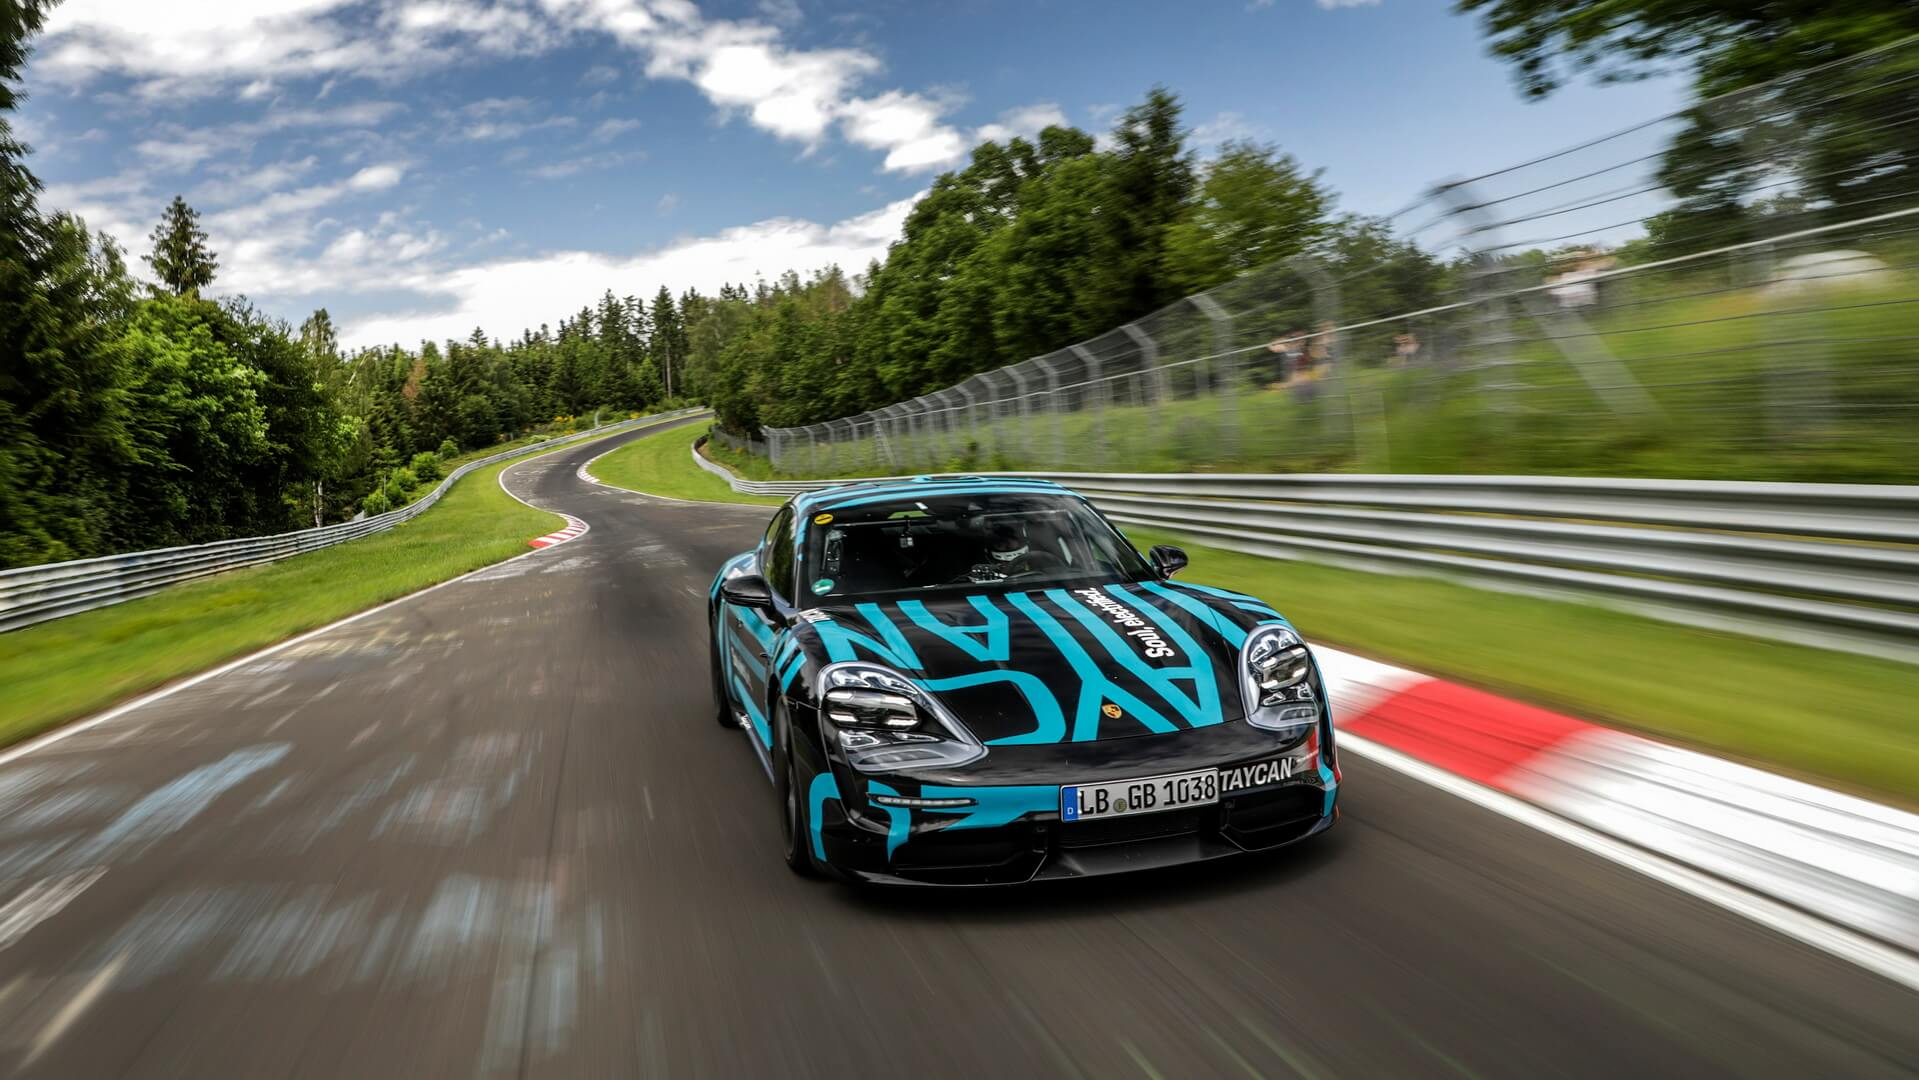 Porsche Taycan встановив рекорд Нюрбургринга для чотирьохдверних електромобілів